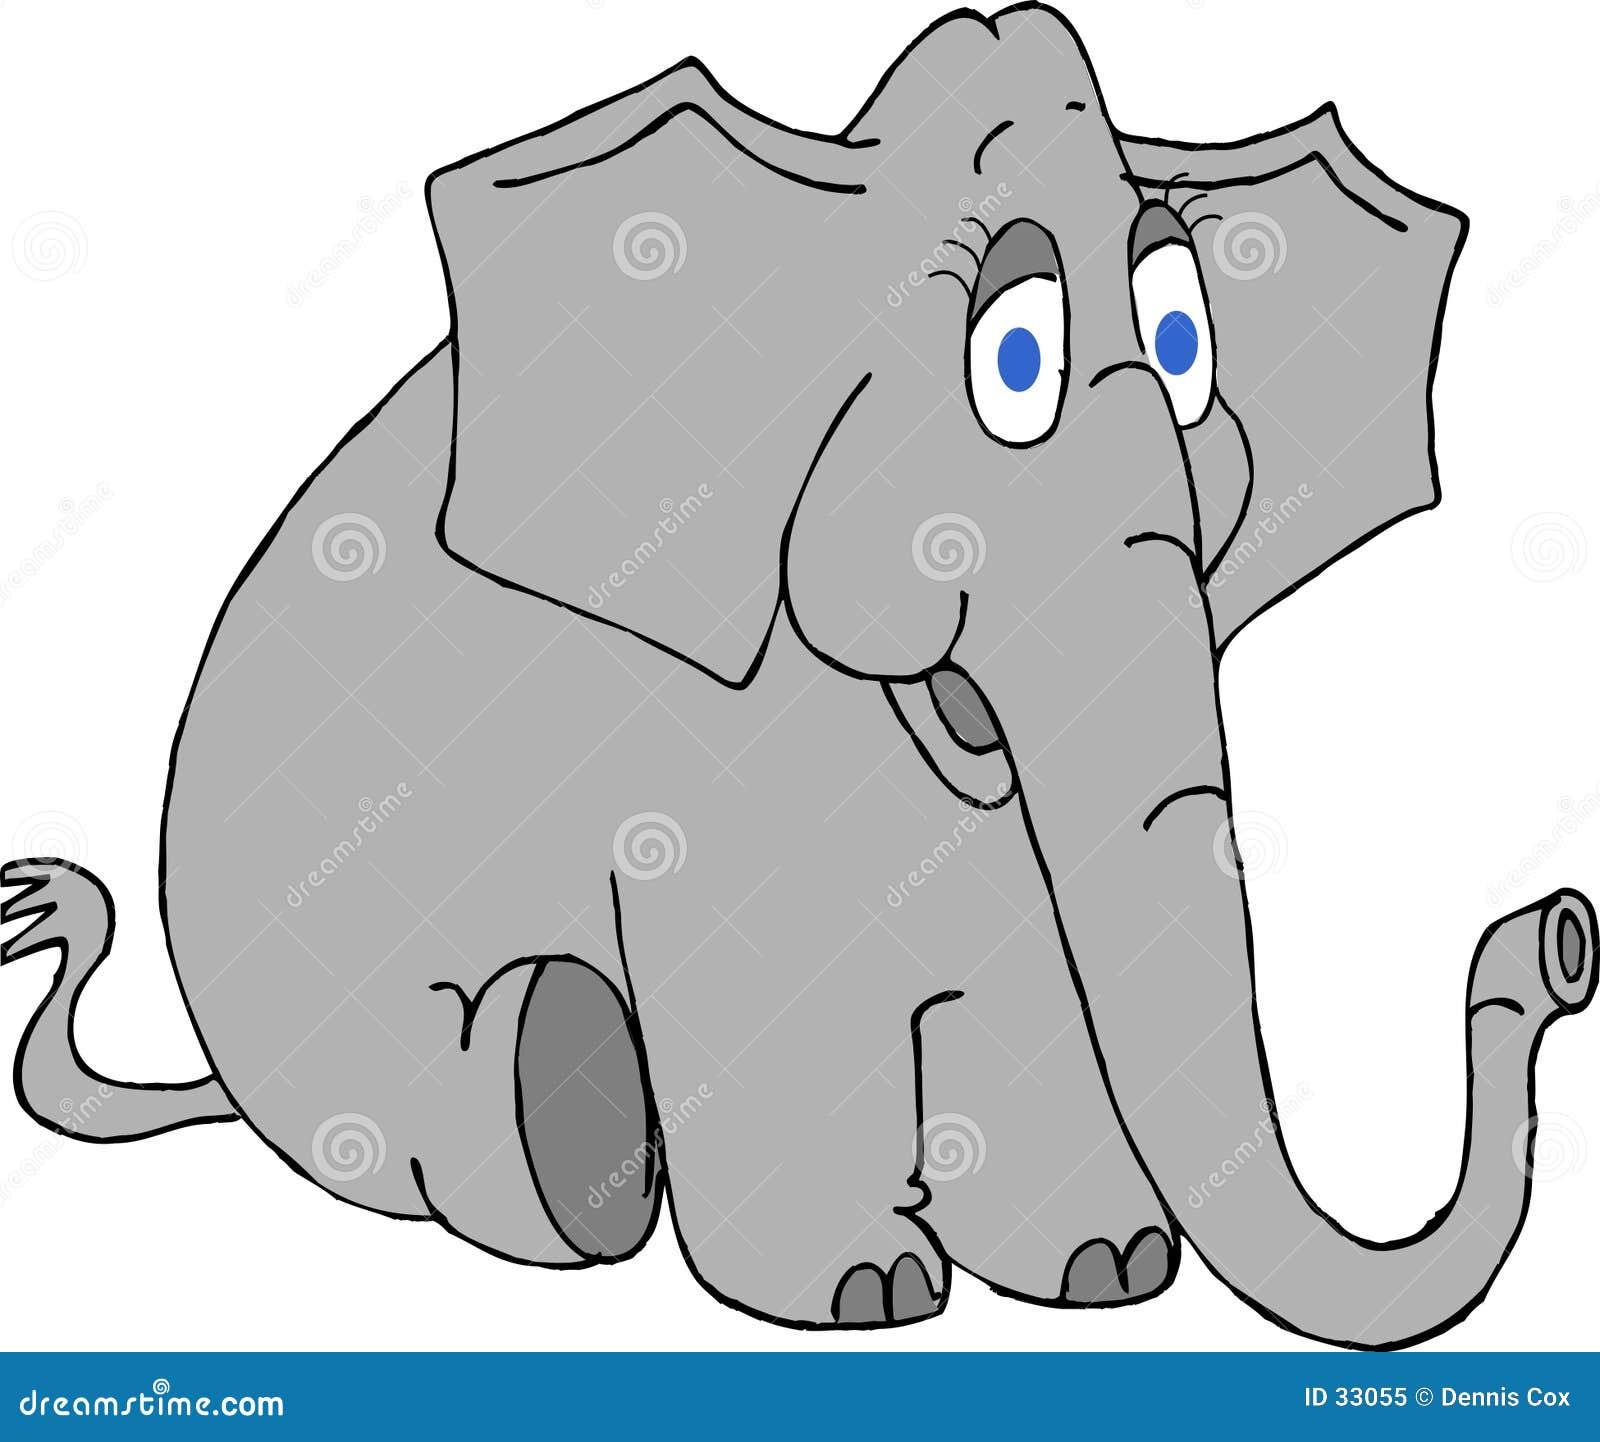 Elephant With Big Blue Eyes Royalty Free Stock Photo - Image: 33055